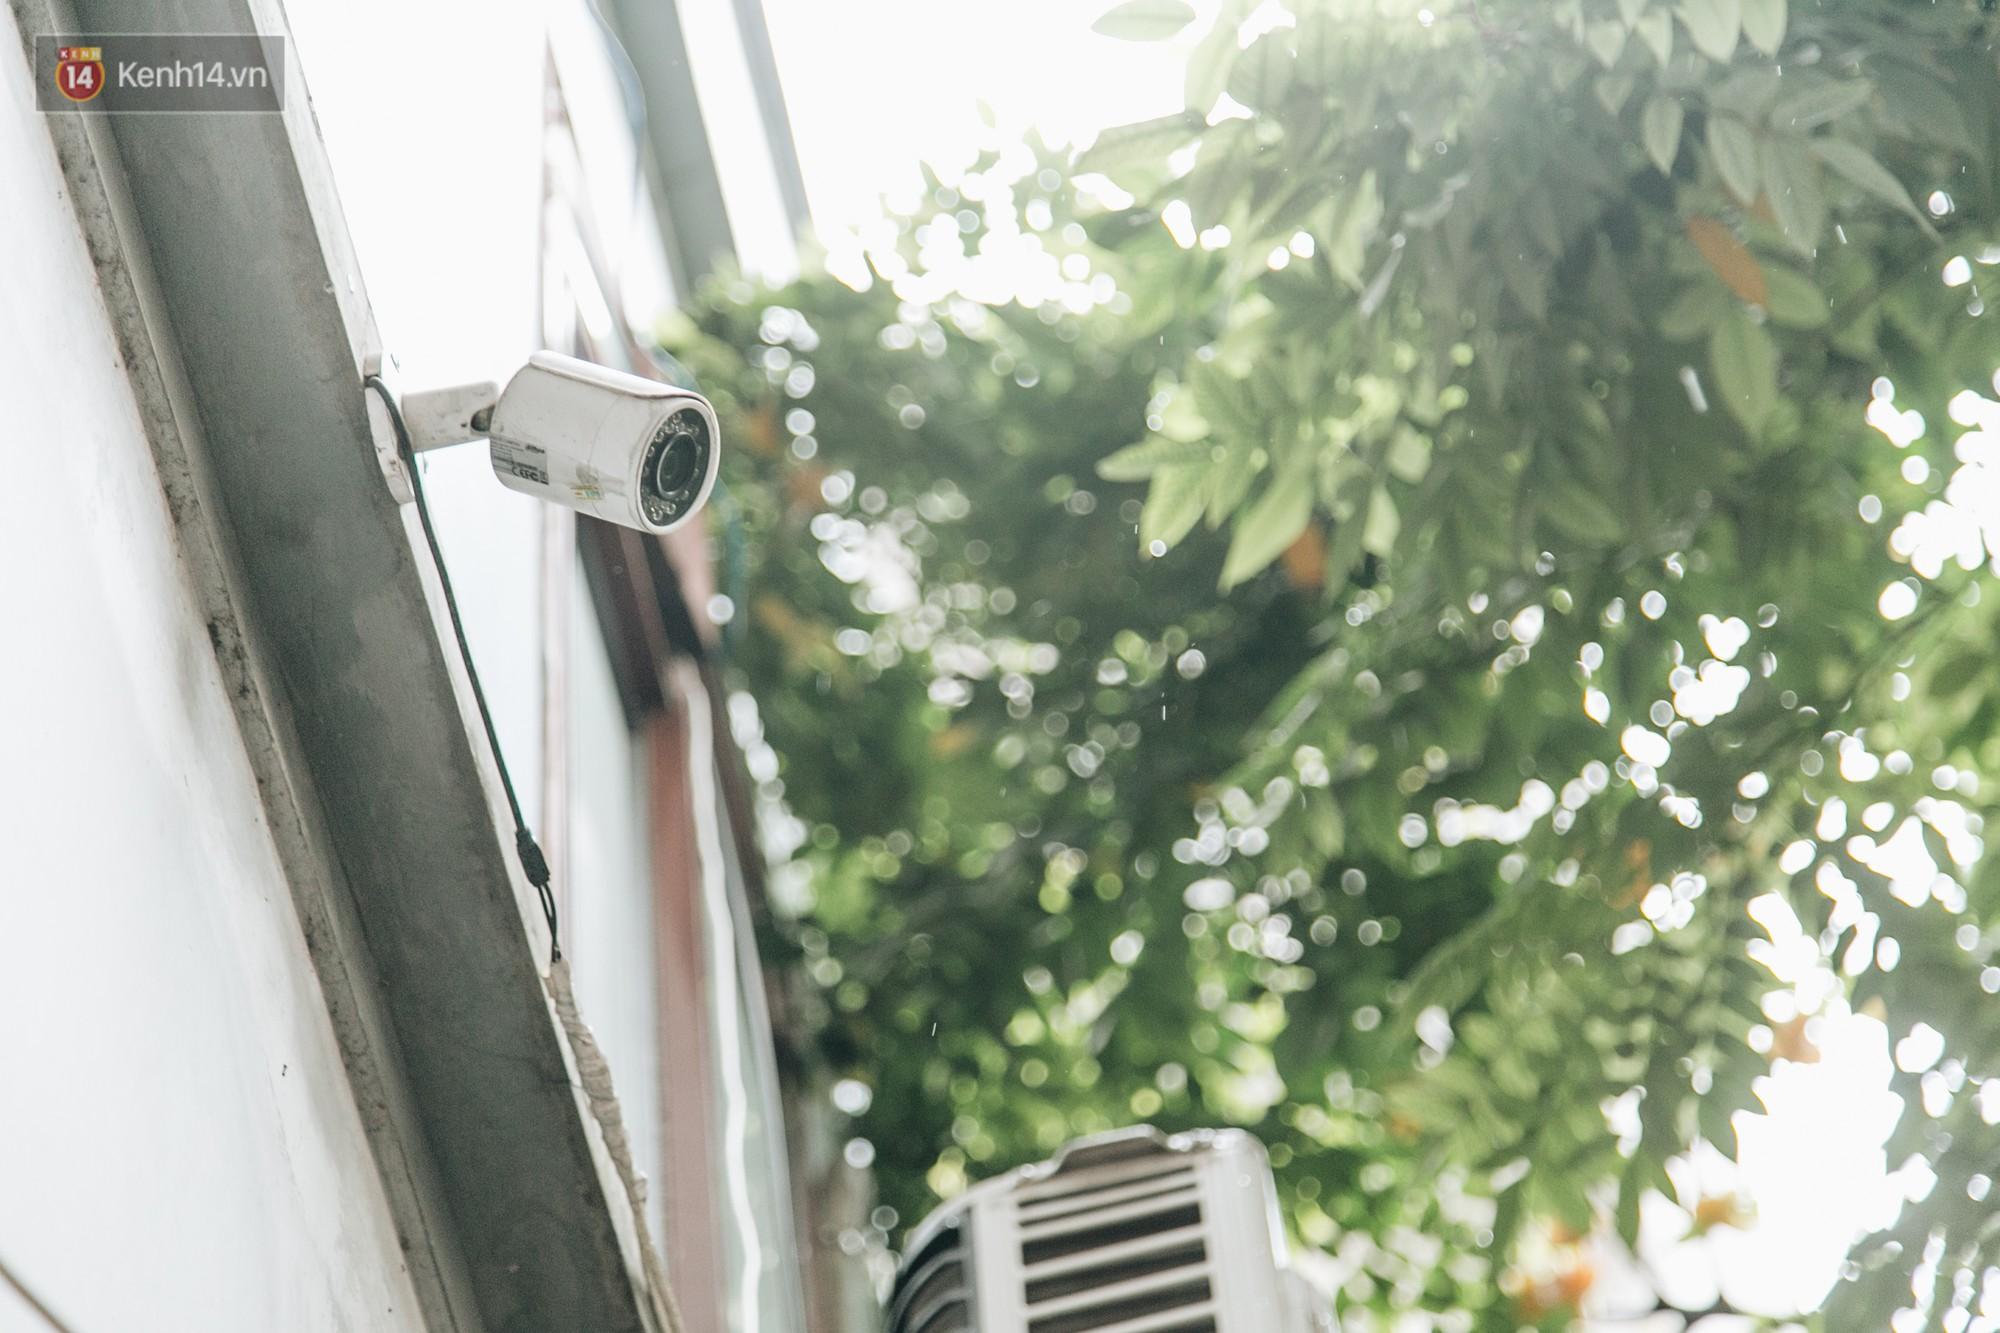 Hình ảnh người xả rác bừa bãi bị dán chi chít trong khu phố ở Hà Nội: Cấm mãi không được chúng tôi mới làm như vậy - Ảnh 3.